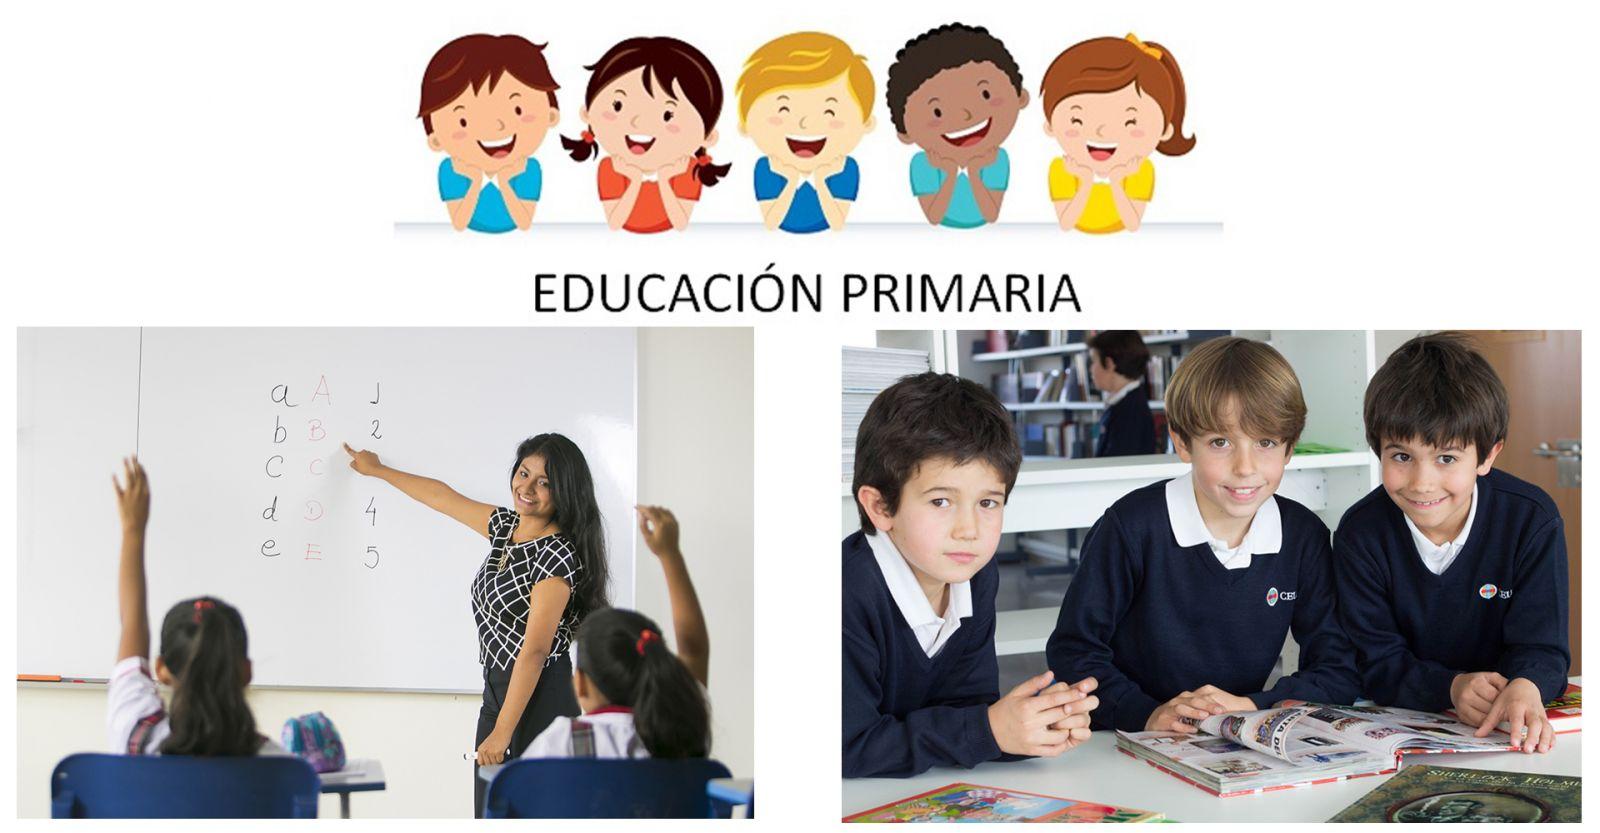 Начальное образование проводится в течение 6 лет (курсов)